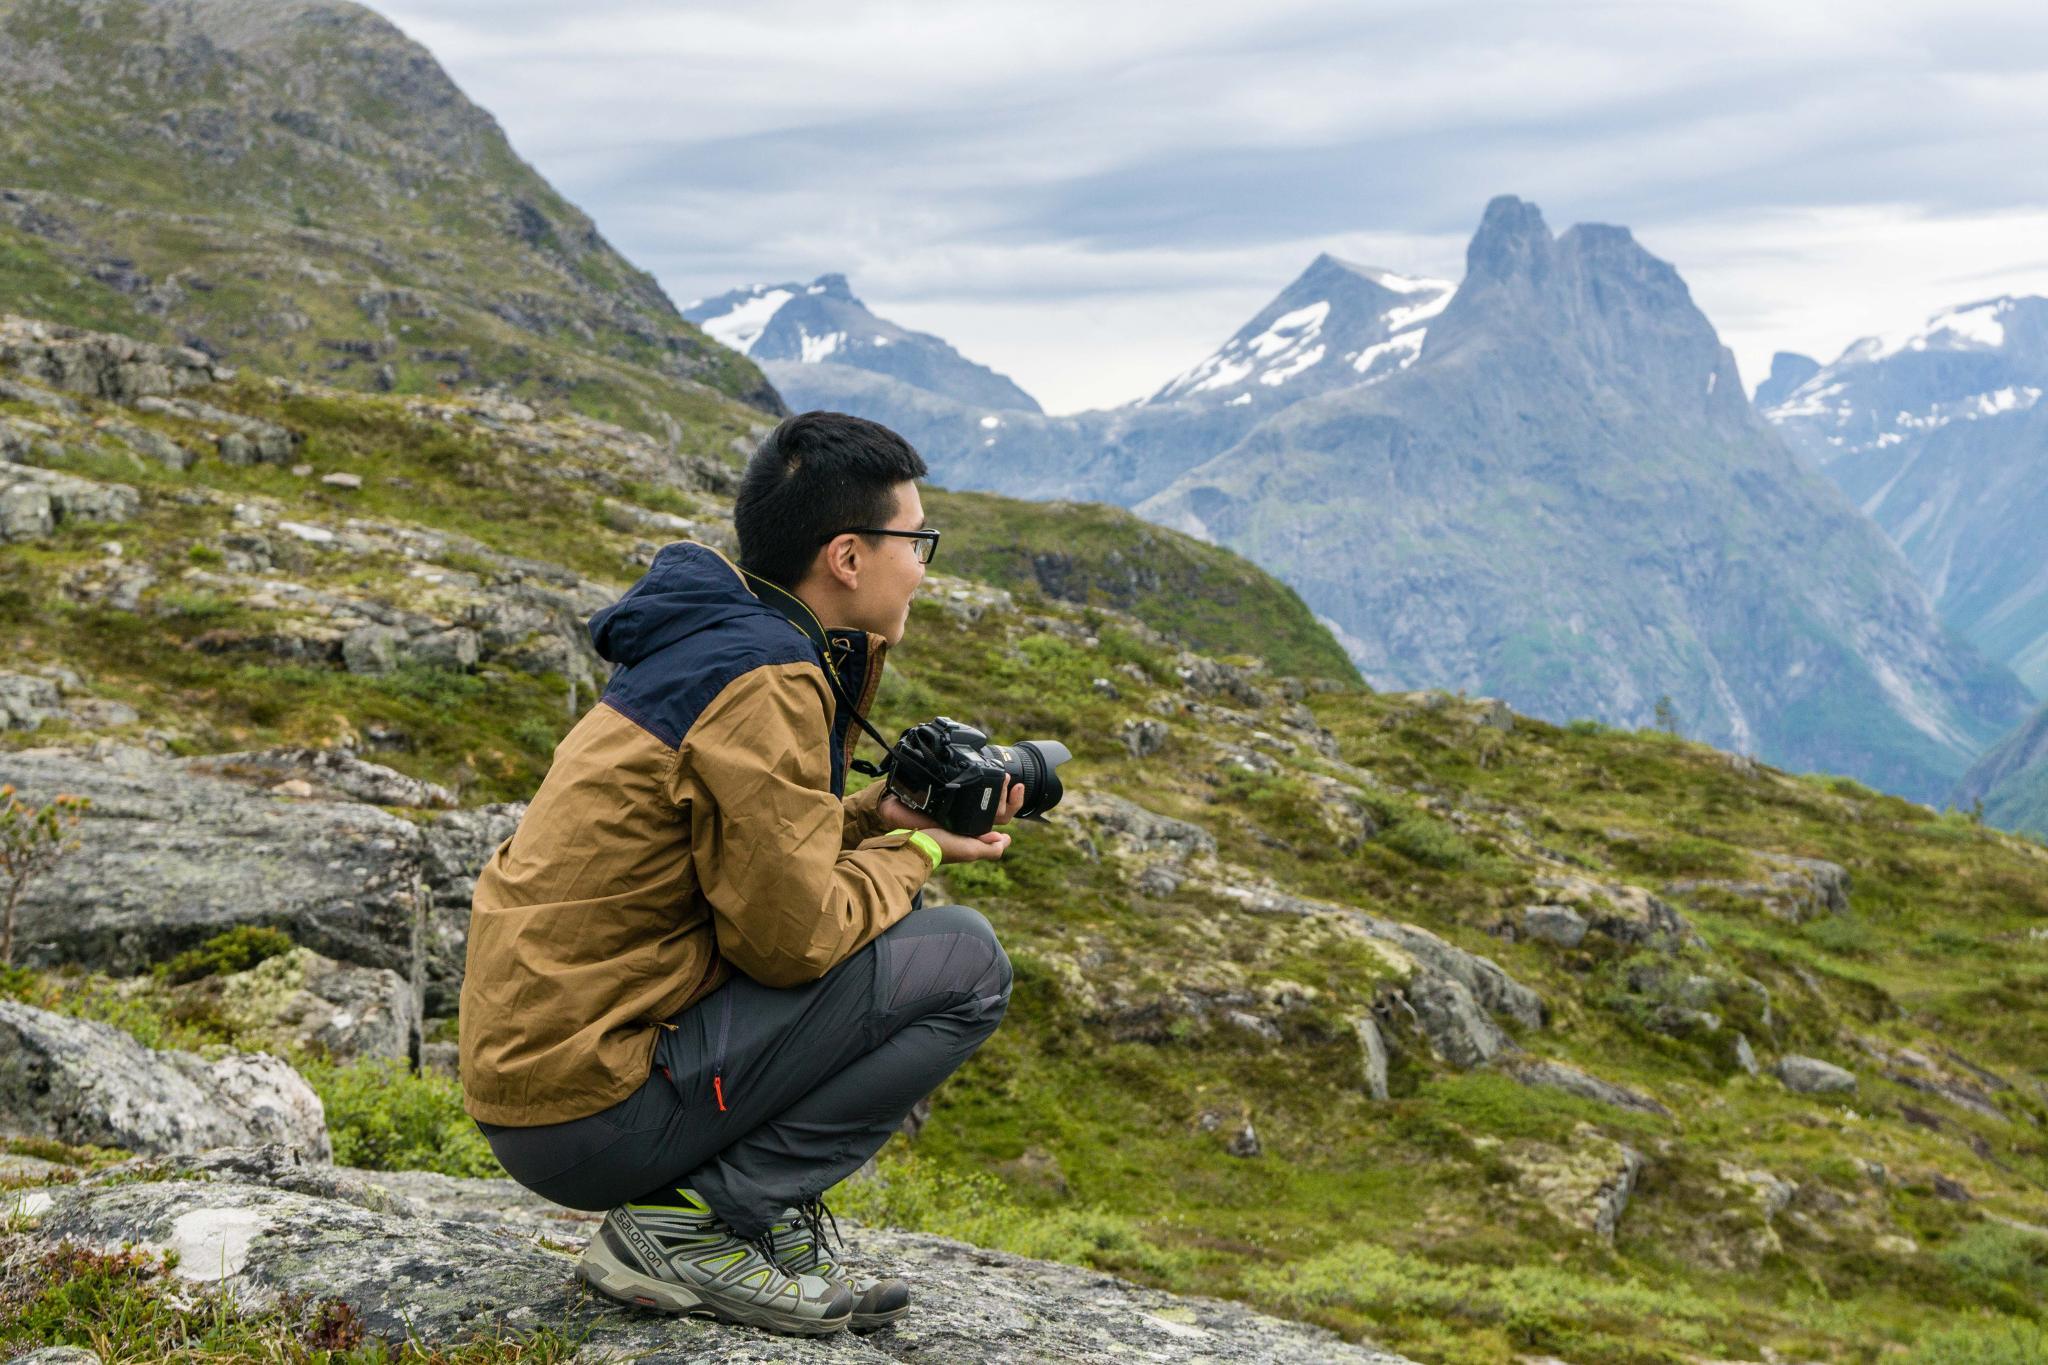 【北歐景點】峽灣區起點Åndalsnes健行 - 鳥瞰峽灣全景的Rampestreken觀景台 33